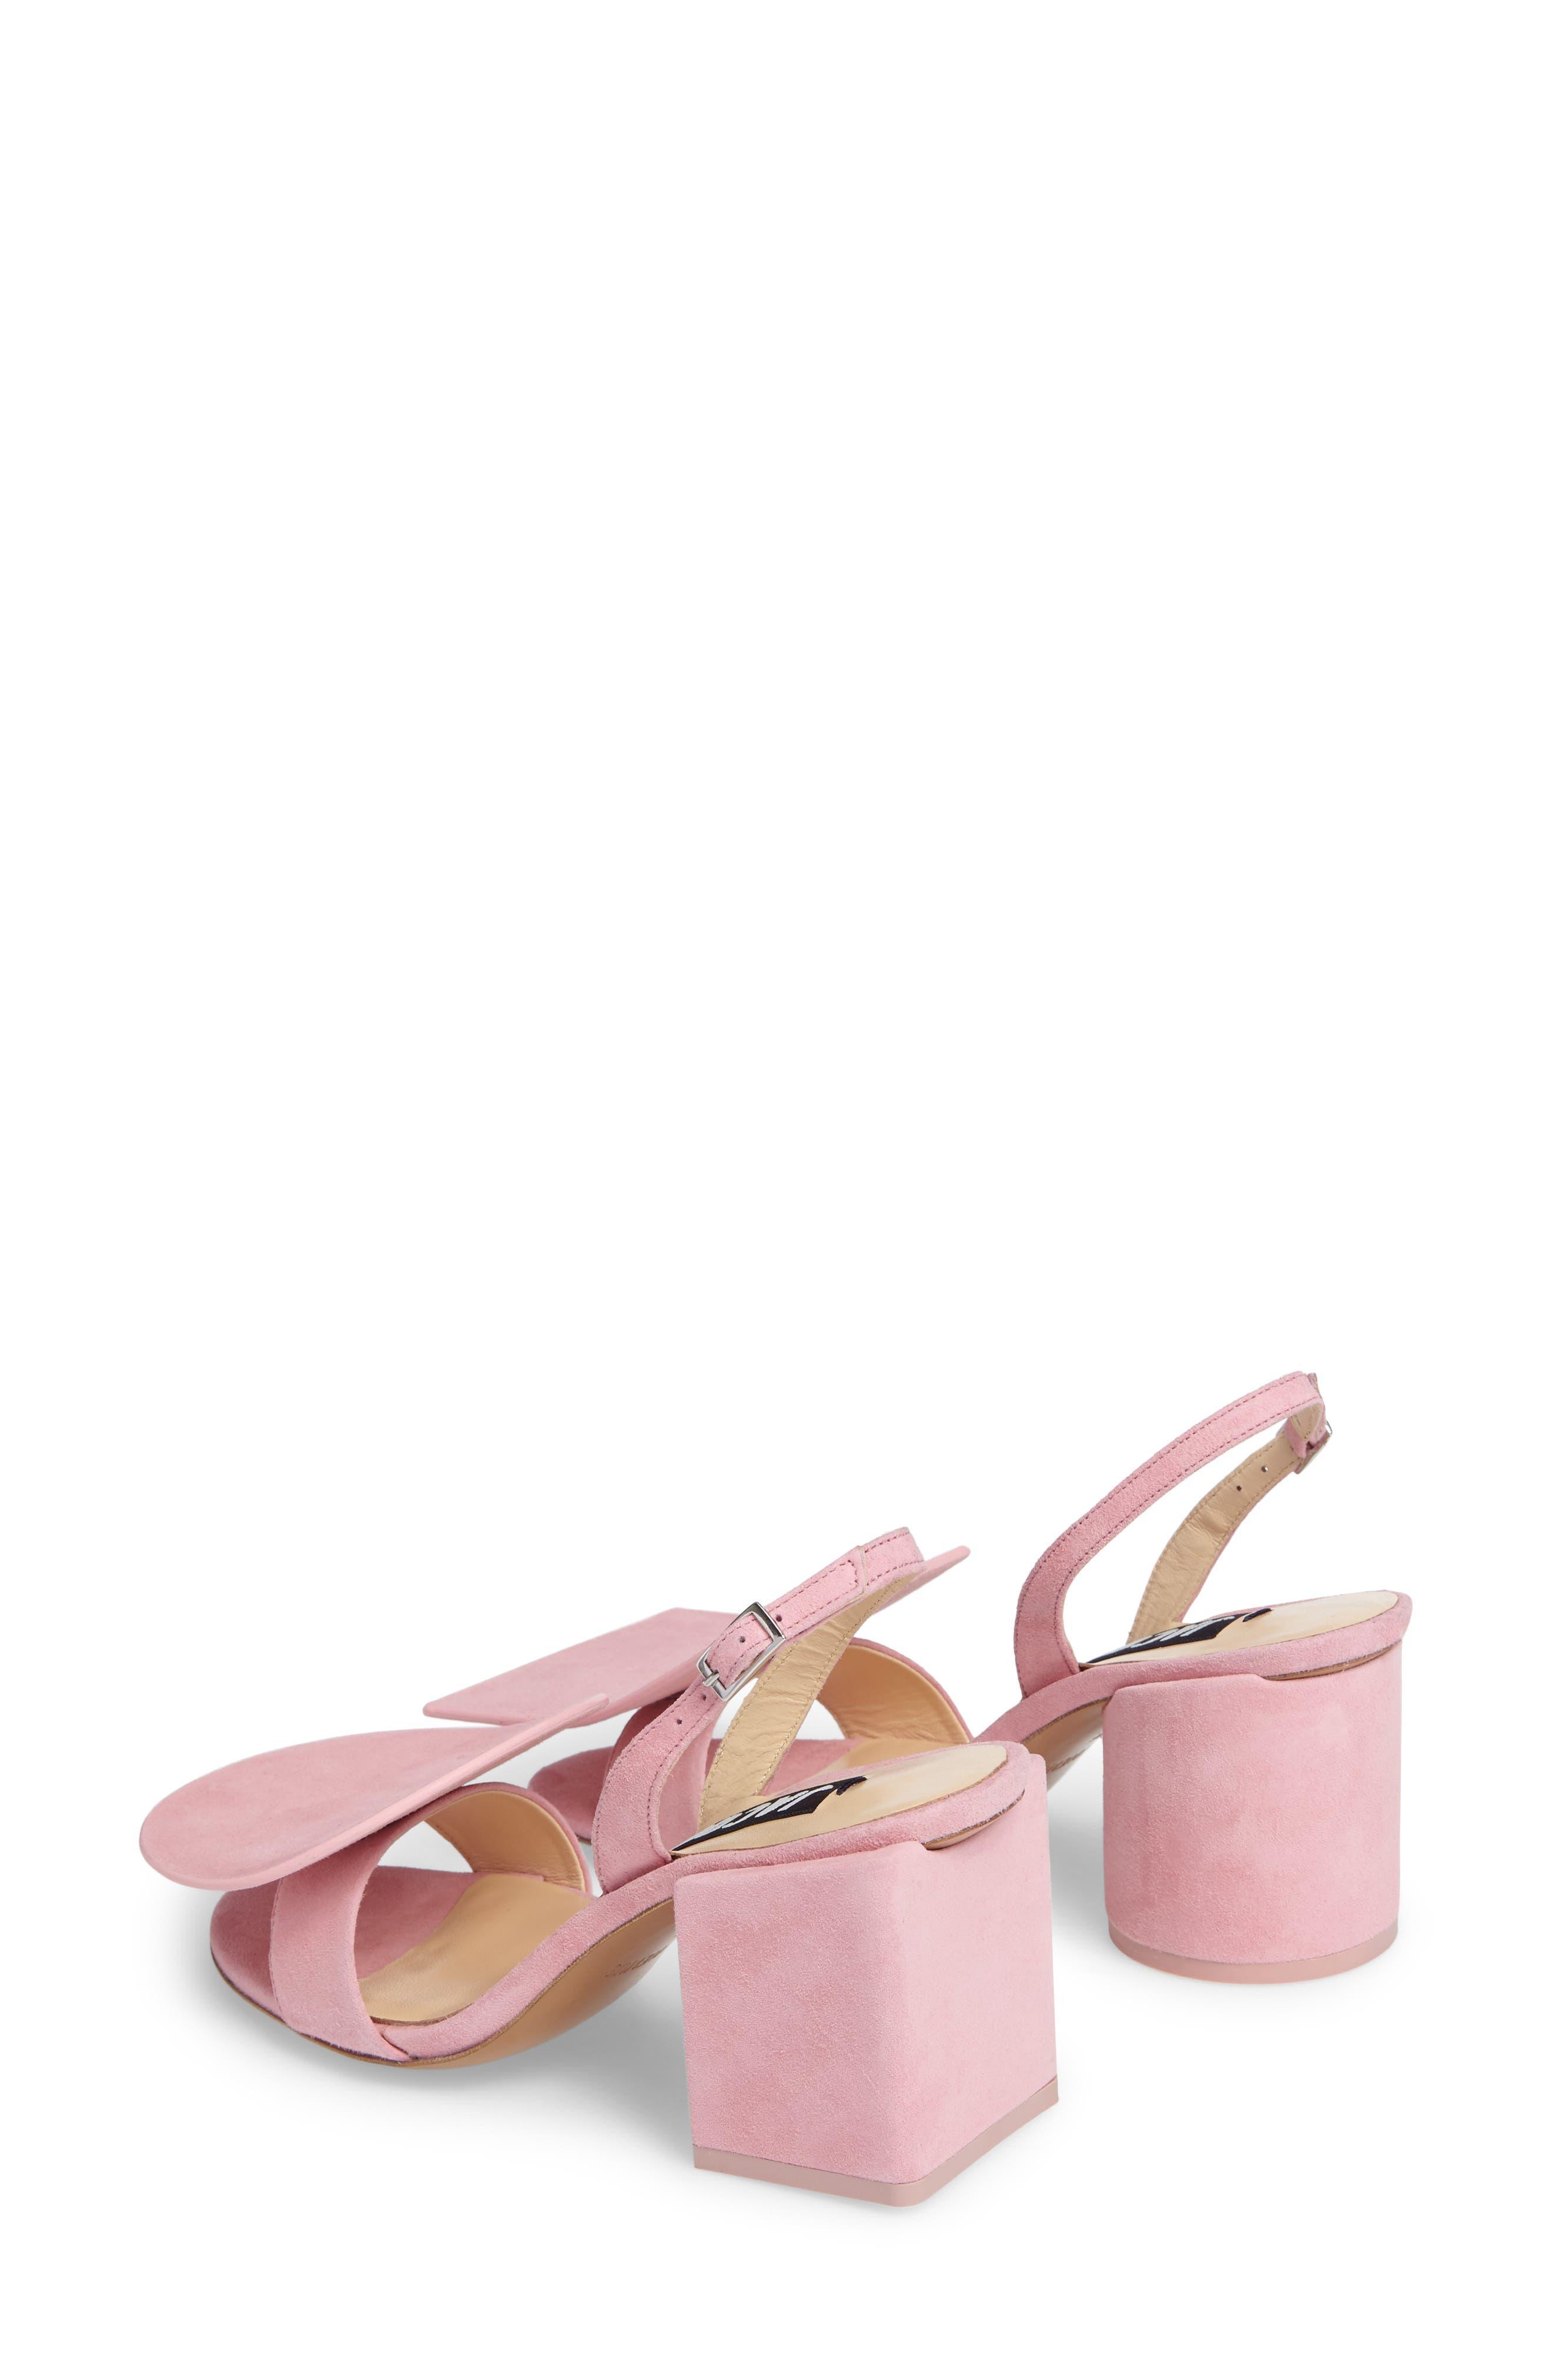 Les Rond Carré Suede Sandal,                             Alternate thumbnail 2, color,                             Pink